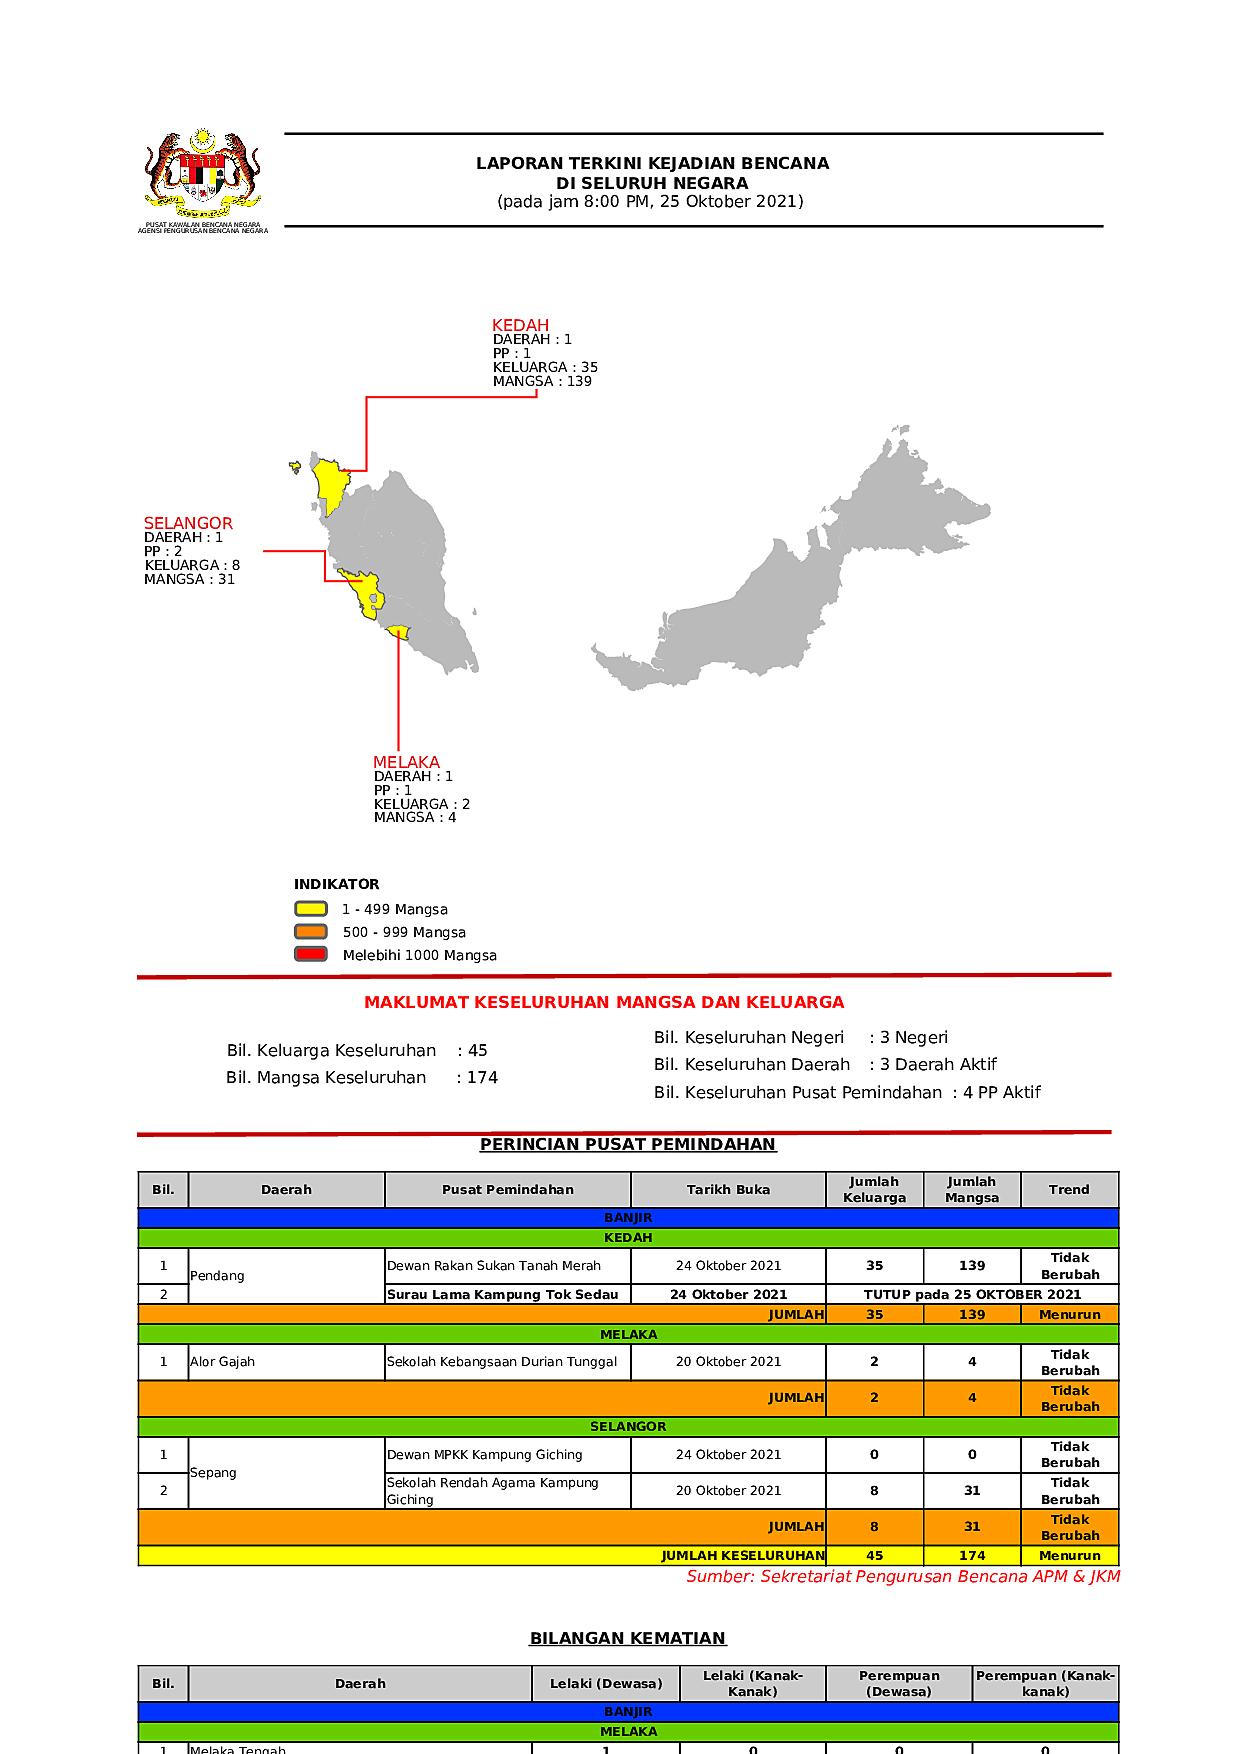 Laporan Situasi 25/10/2021 08:00 PM oleh Operator Datu